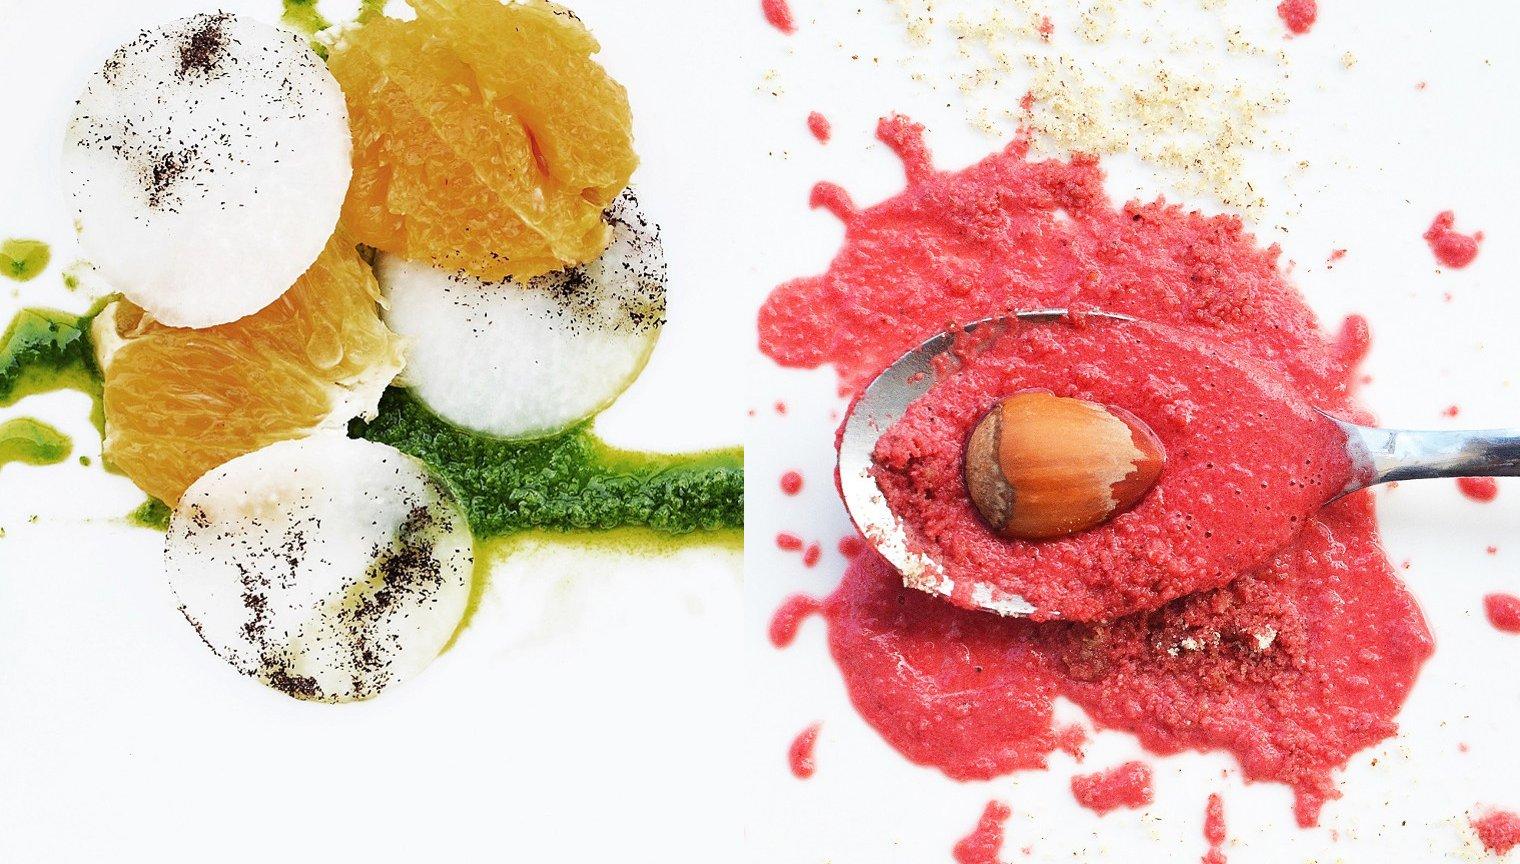 Stworzenie apetycznej kulinarnej sesji zdjęciowej to wyzwanie